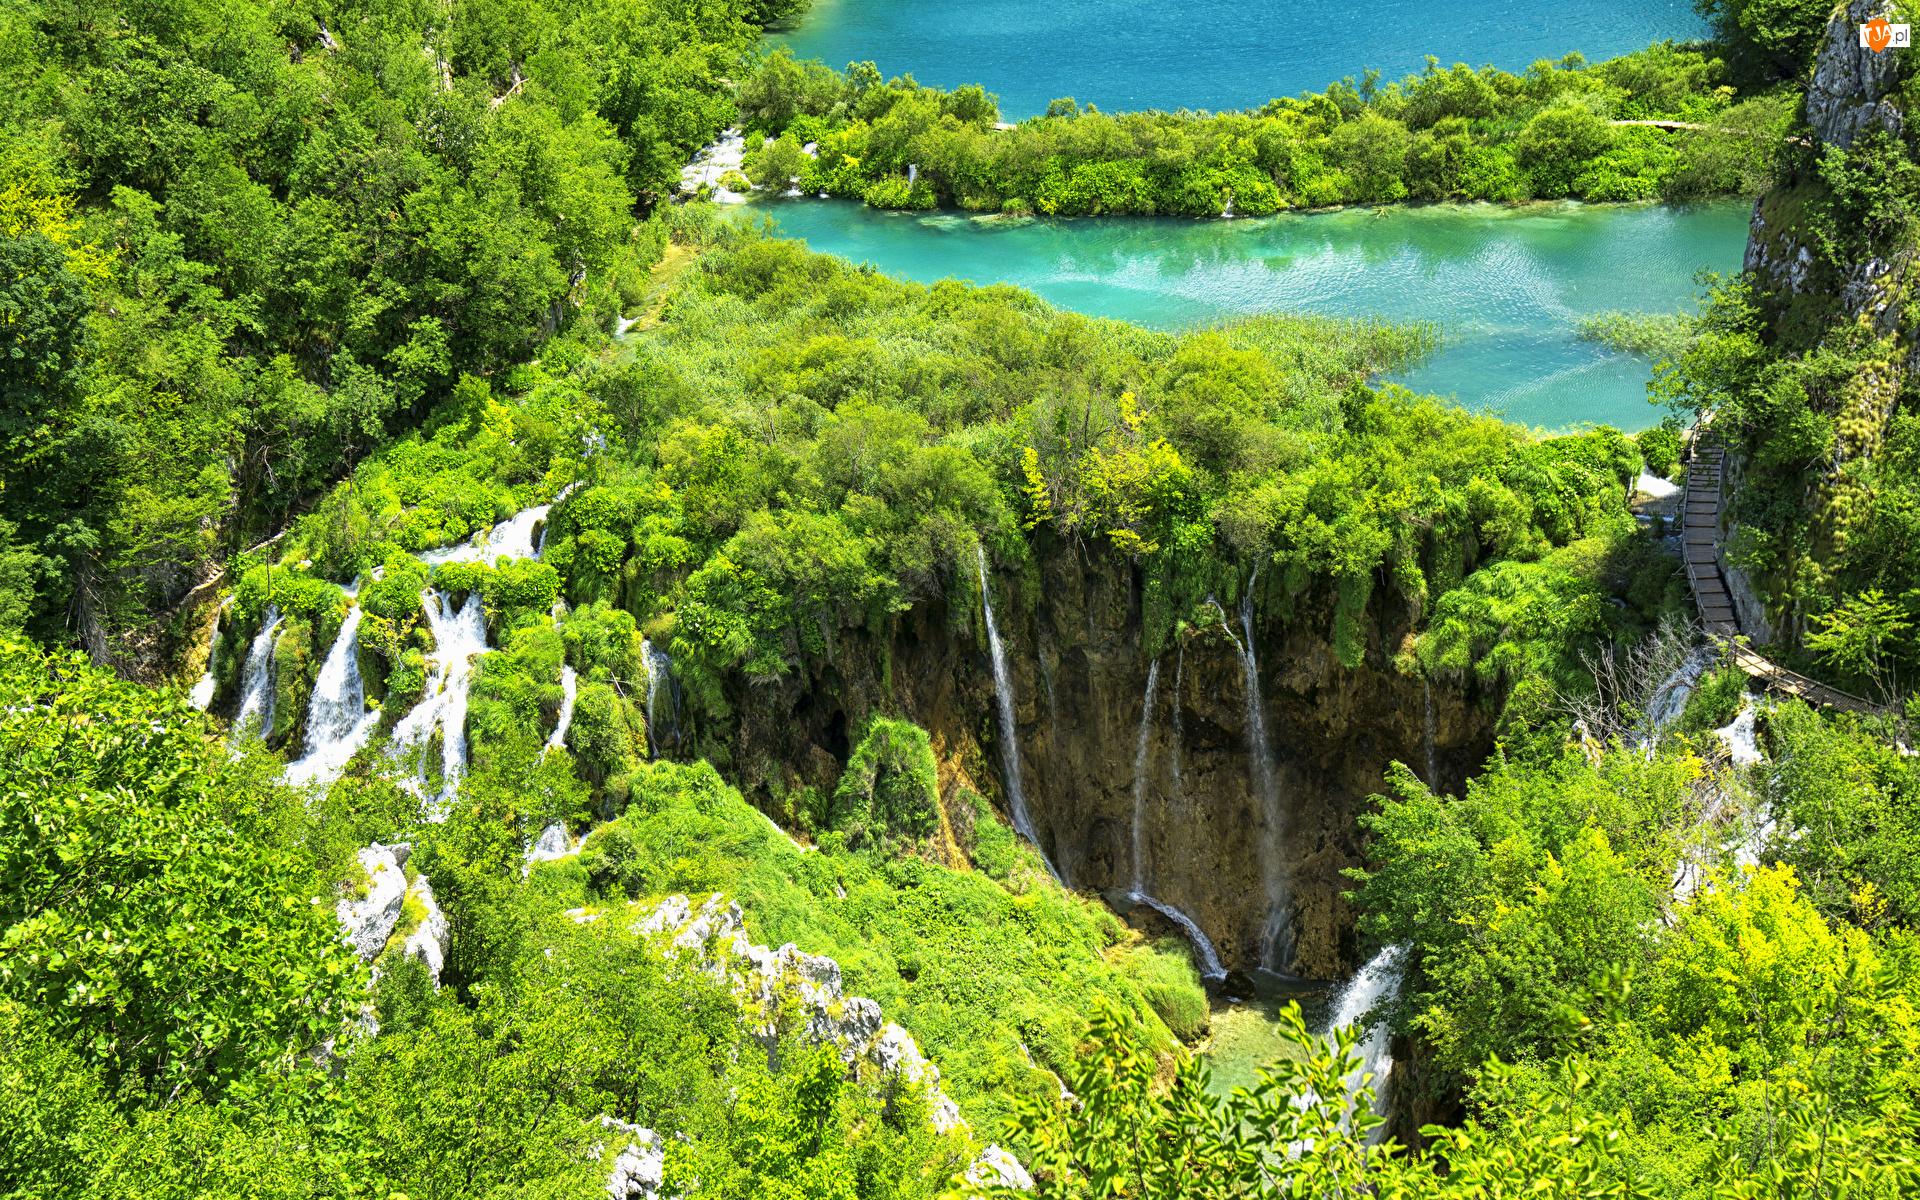 Wodospady, Jeziora, Chorwacja, Park Narodowy Jezior Plitwickich, Las